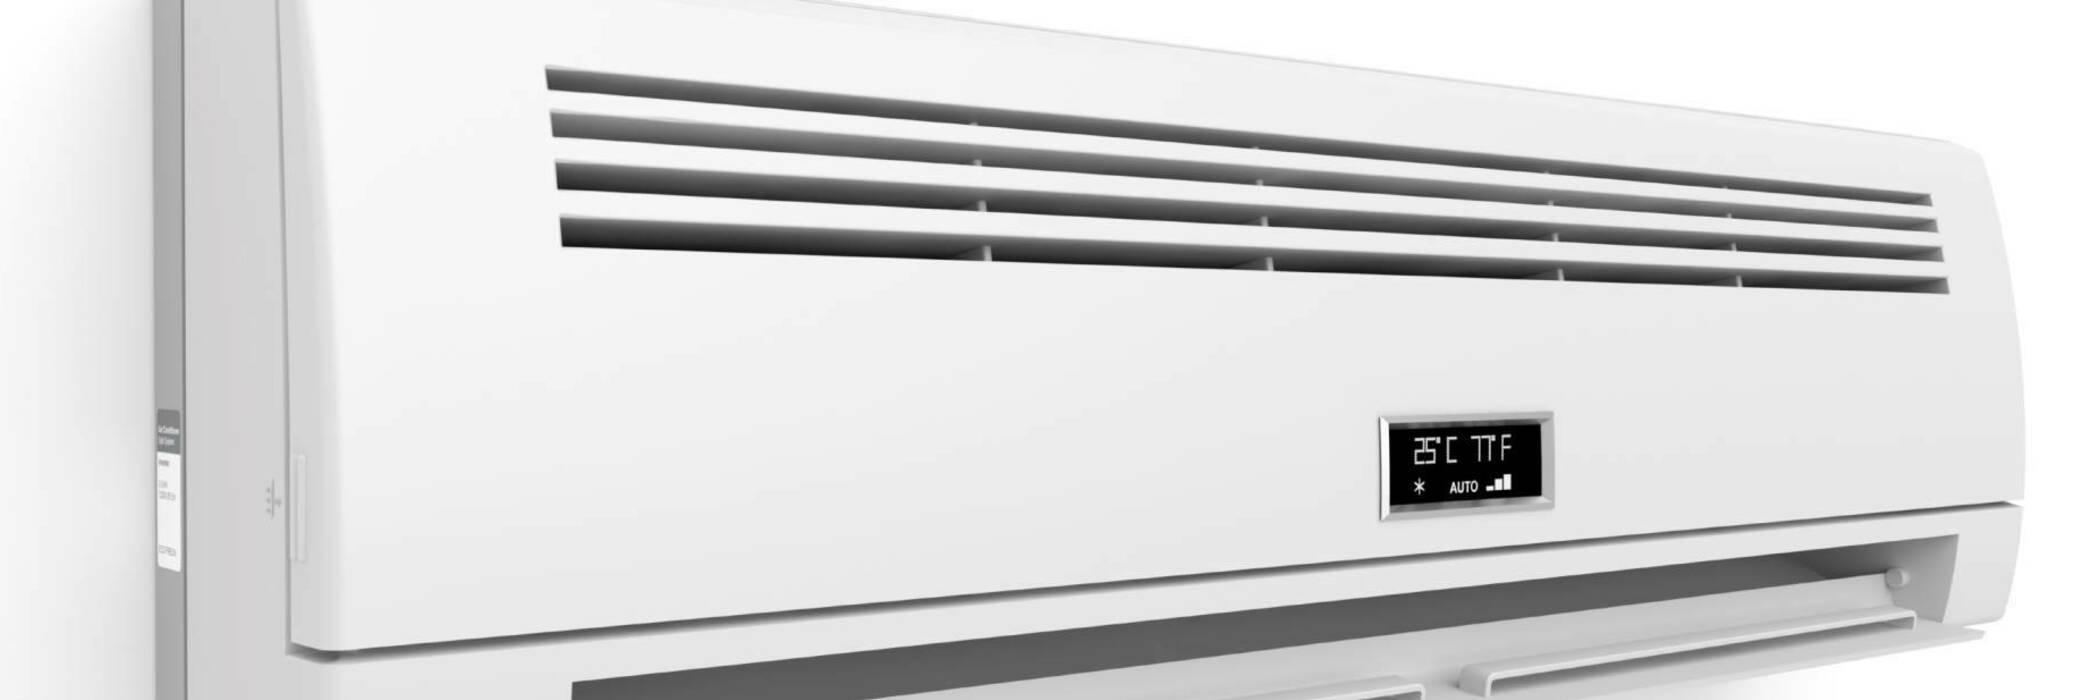 14nov heat pumps faqs hero